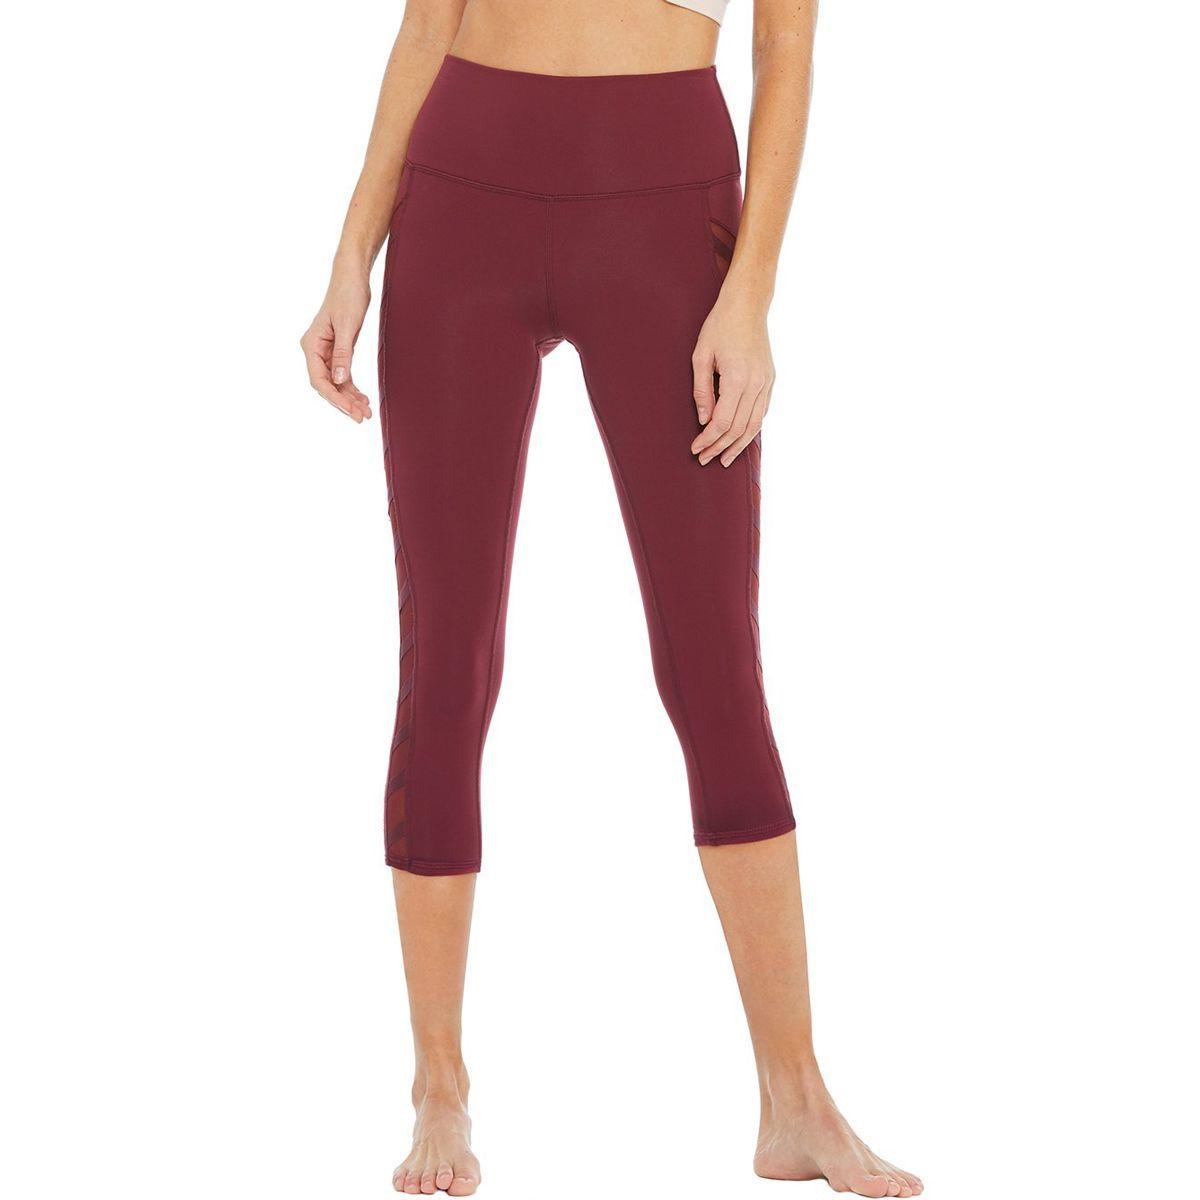 Alo Yoga Chevron Capri - Women's